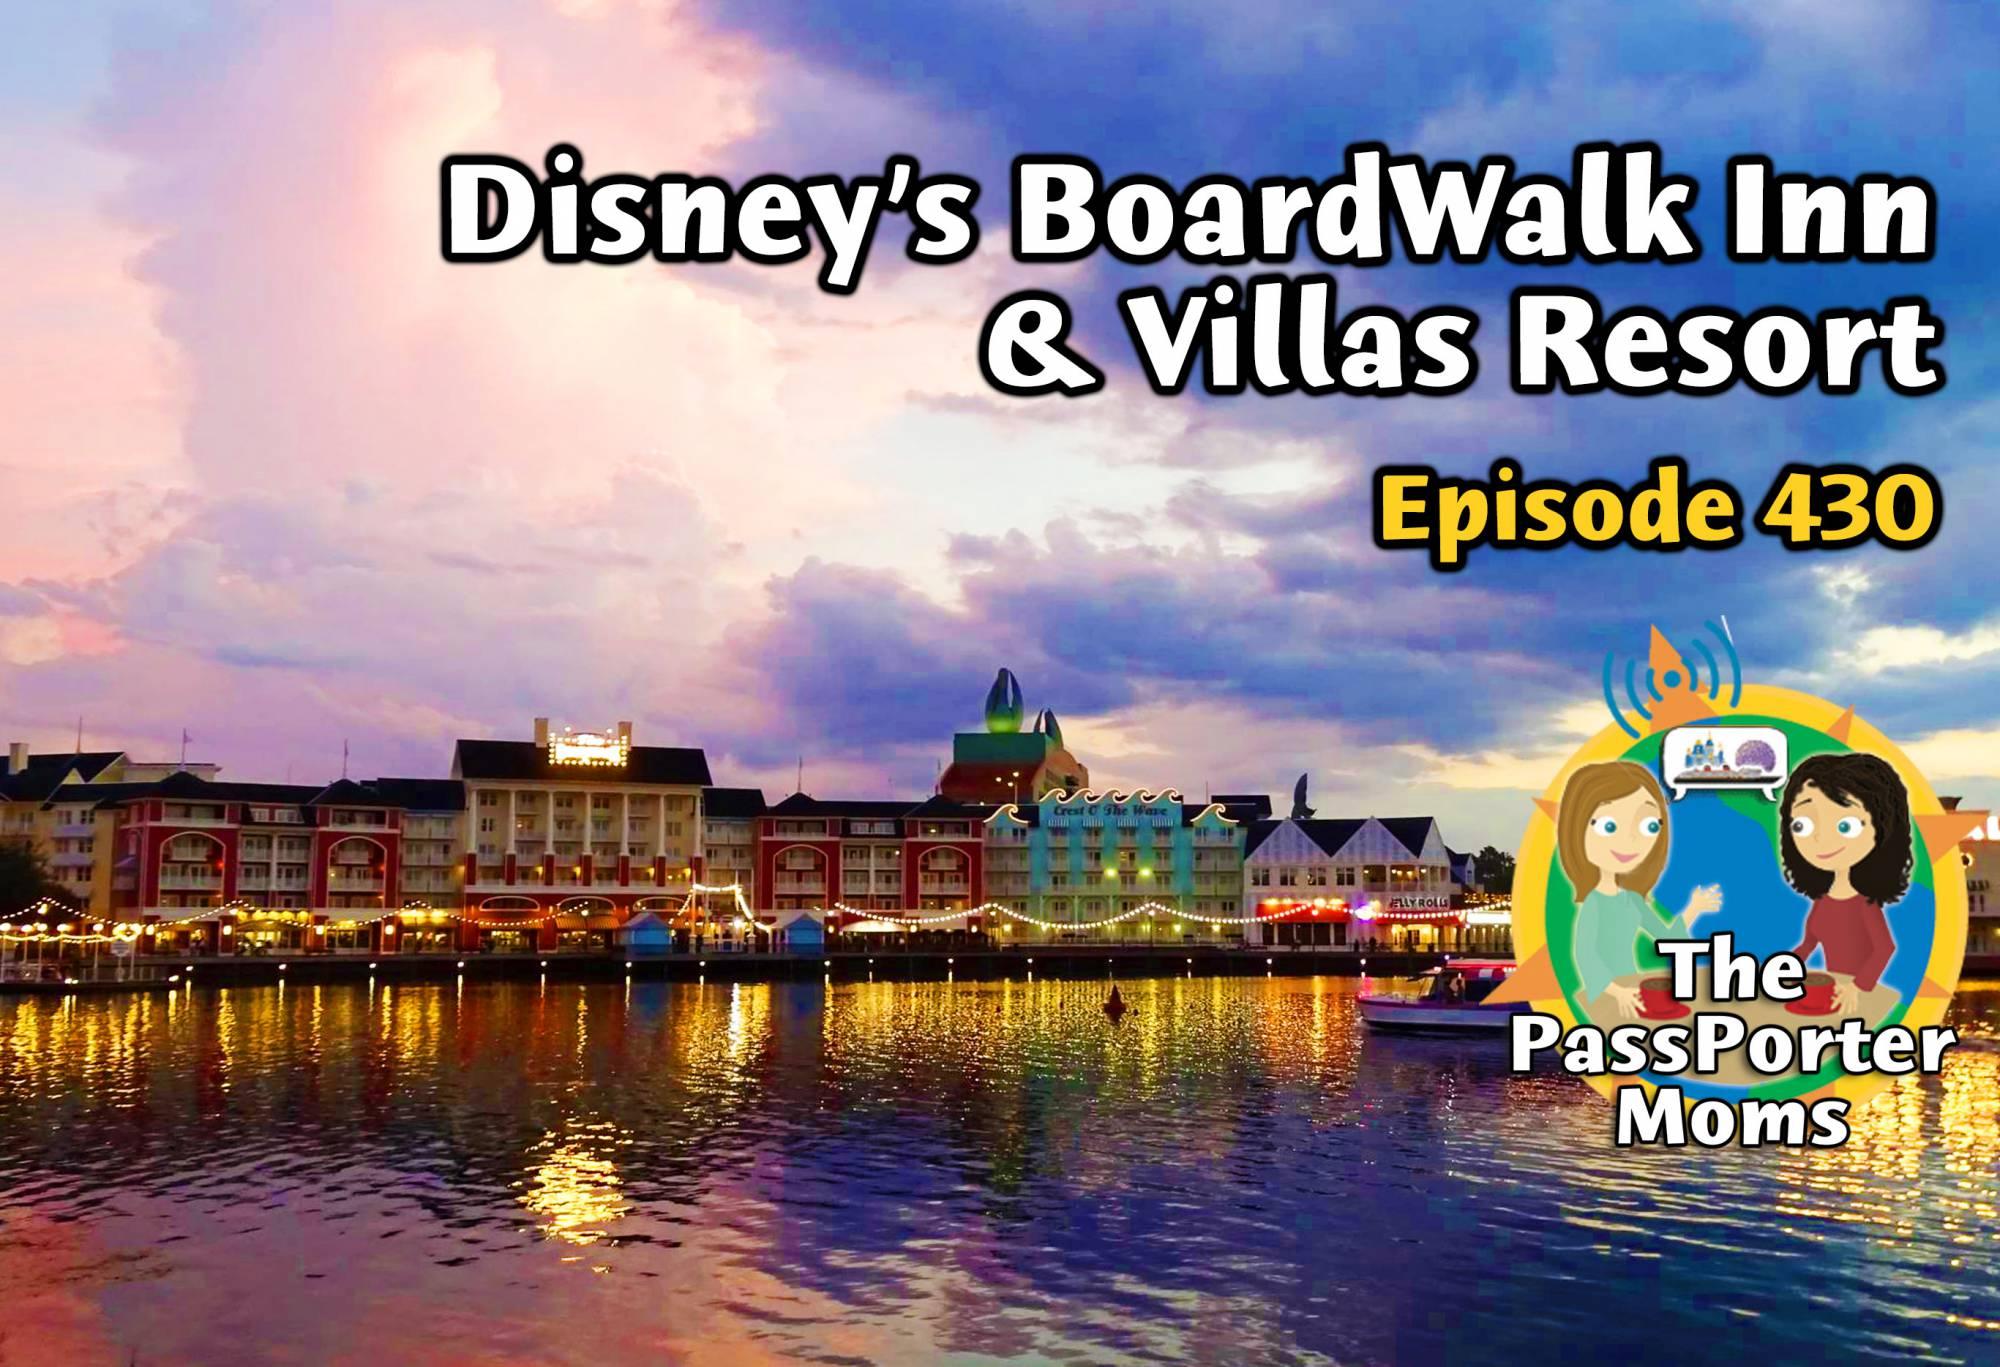 BoardWalk Inn & Villas Resort